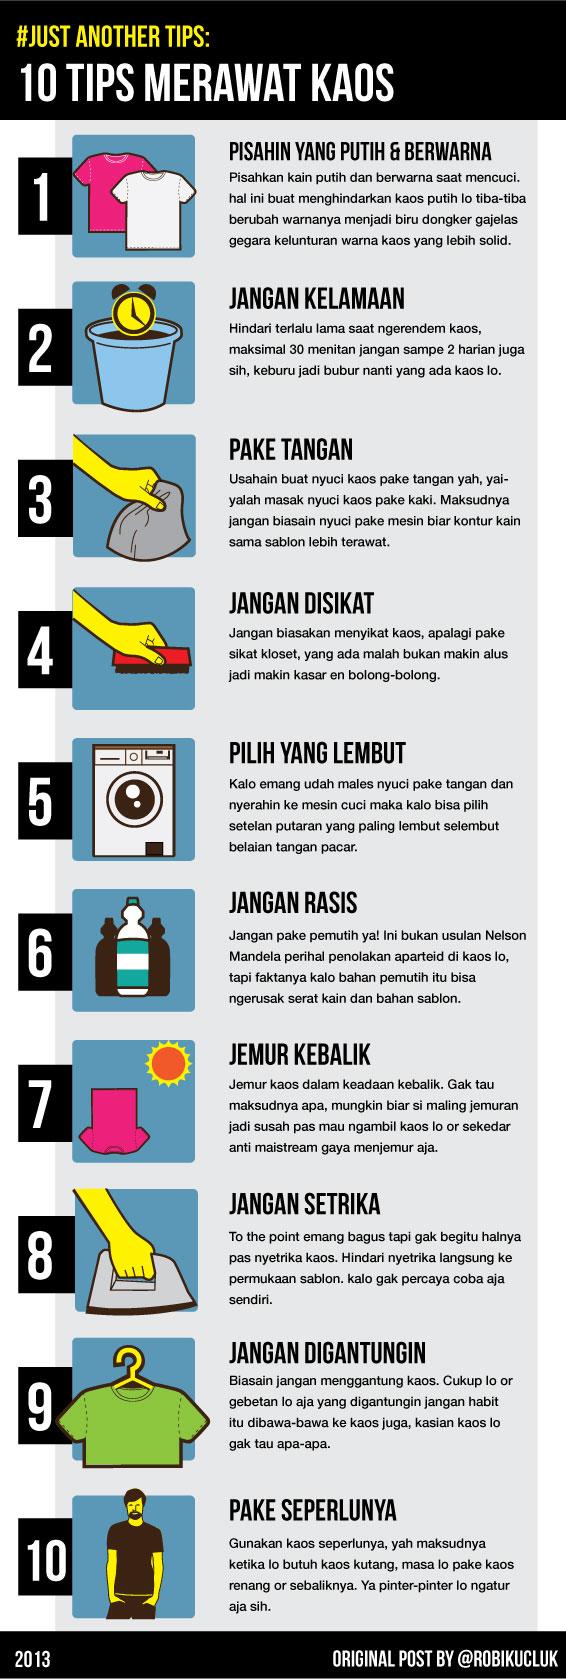 Just Another Tips Merawat Kaos-01